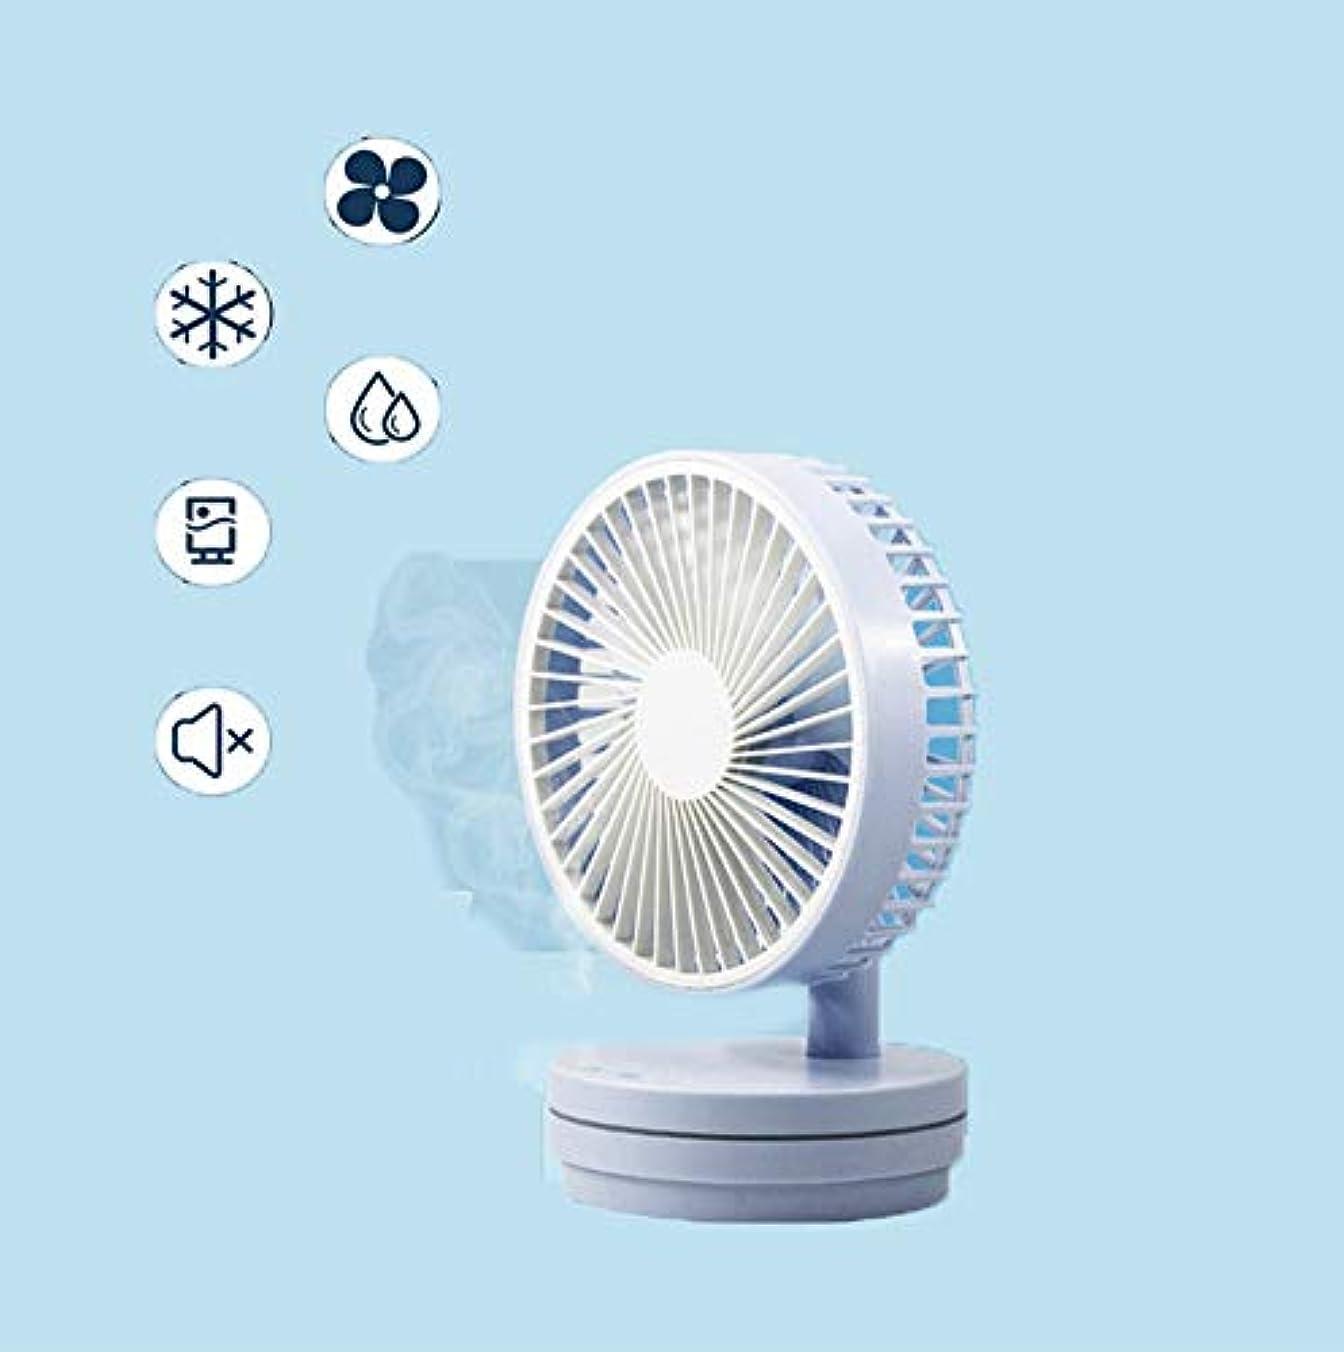 貴重ないちゃつく切手エアコン冷房 クーラーミニ冷風扇冷風機ポータブル小型ファンクーラーポータブルノイズレス蒸発デスクトップ多機能スプレー加湿器90°回転調整快適